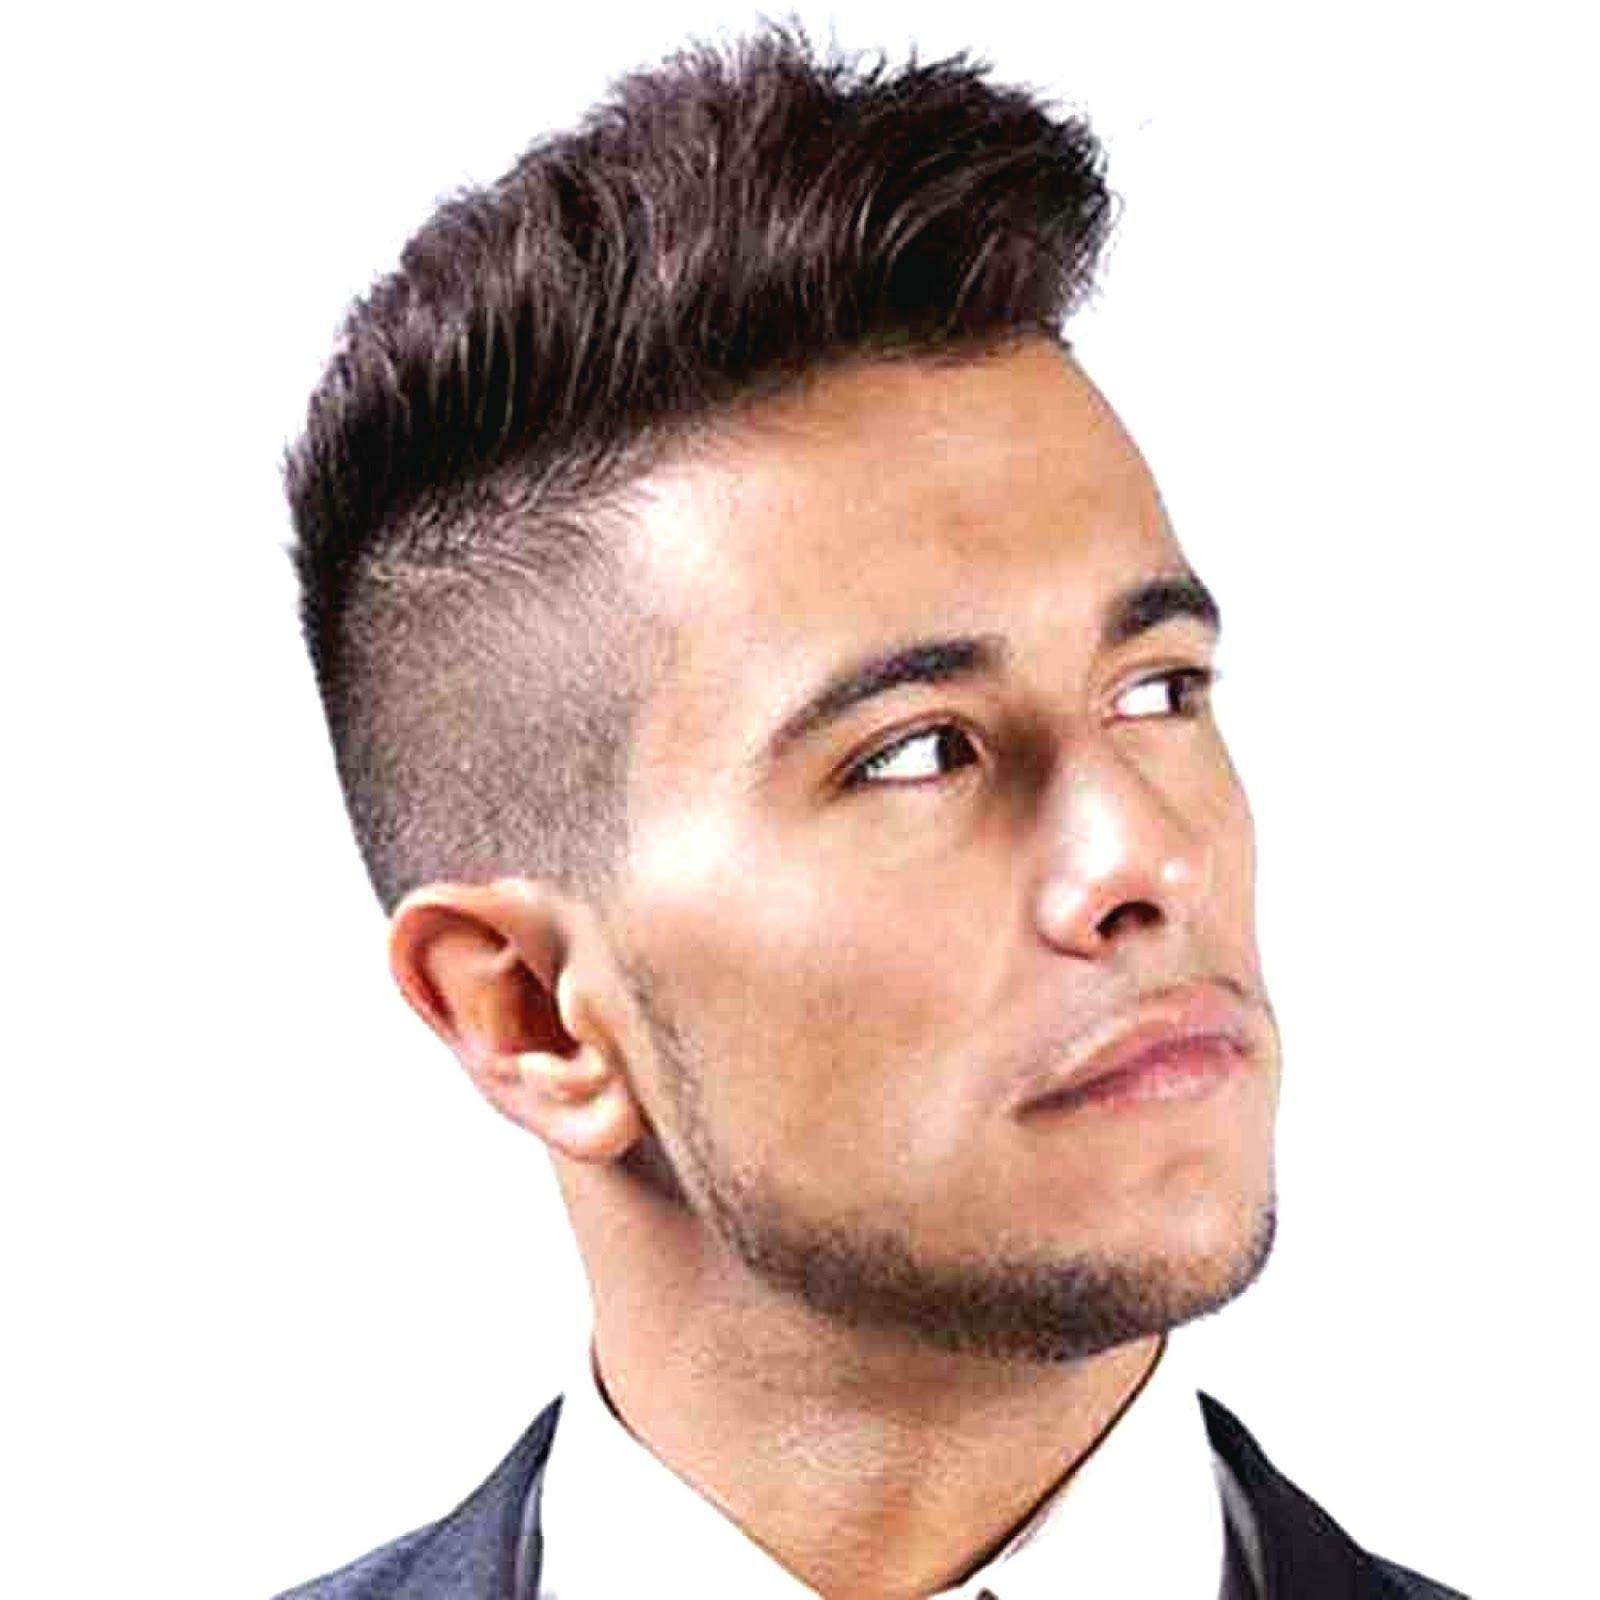 Einzigartige Populare Frisuren Fur Manner Herrenhaarschnitt